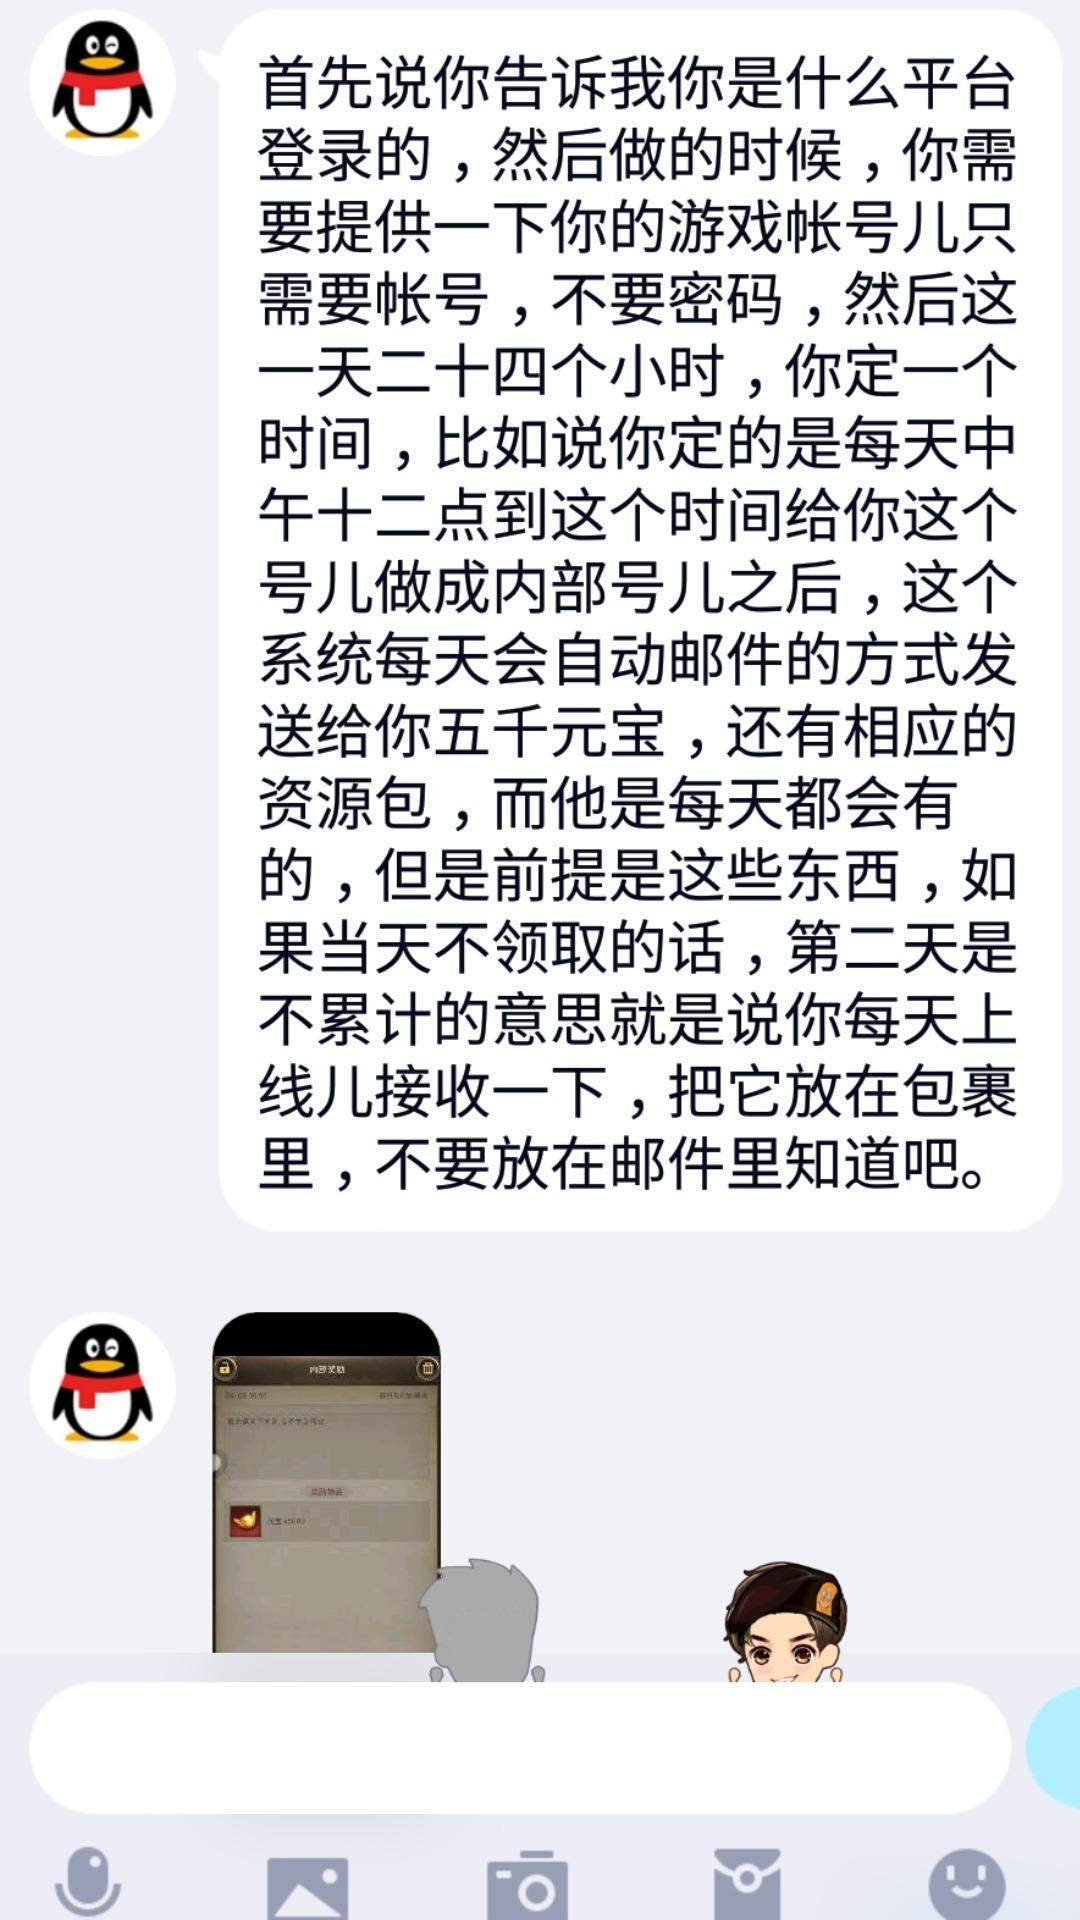 Screenshot_20190620-133907.jpg